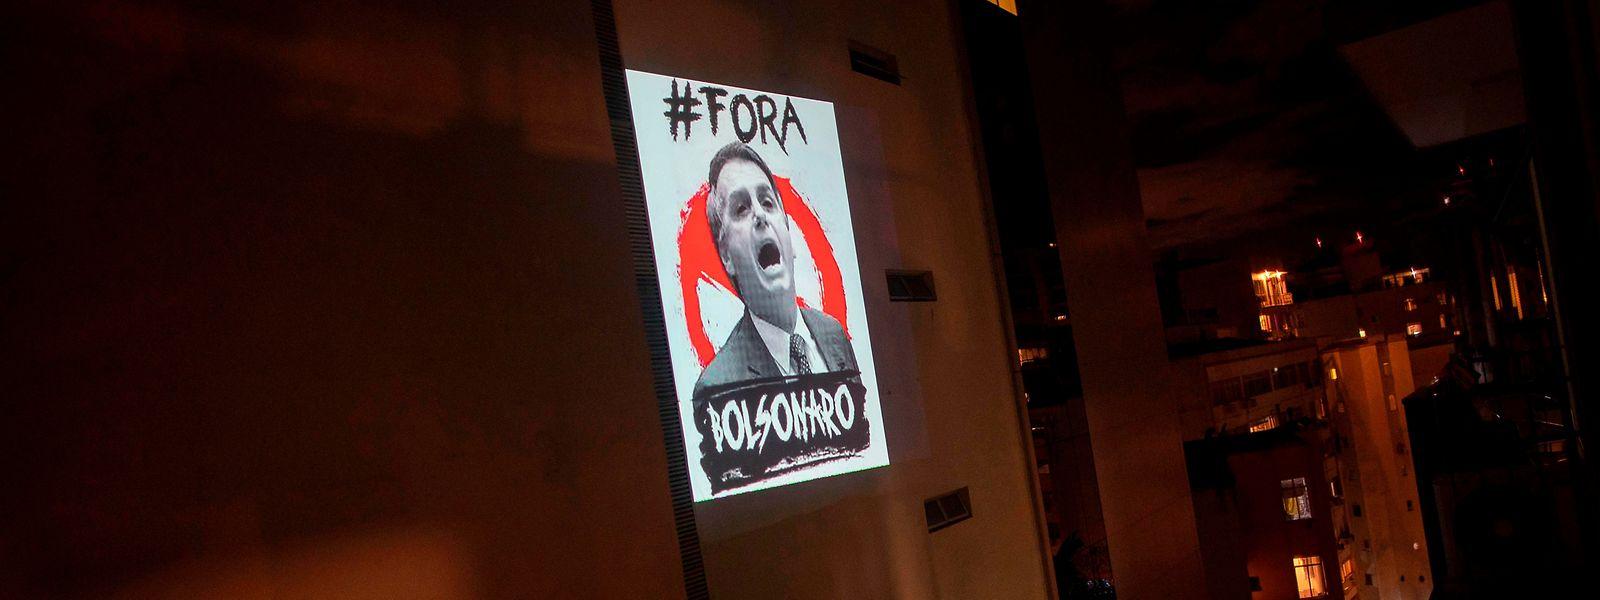 Der Umgang von Brasiliens Präsident Jair Bolsonaro mit dem Corona-Virus ist hochumstritten. Der Protest wird lauter.